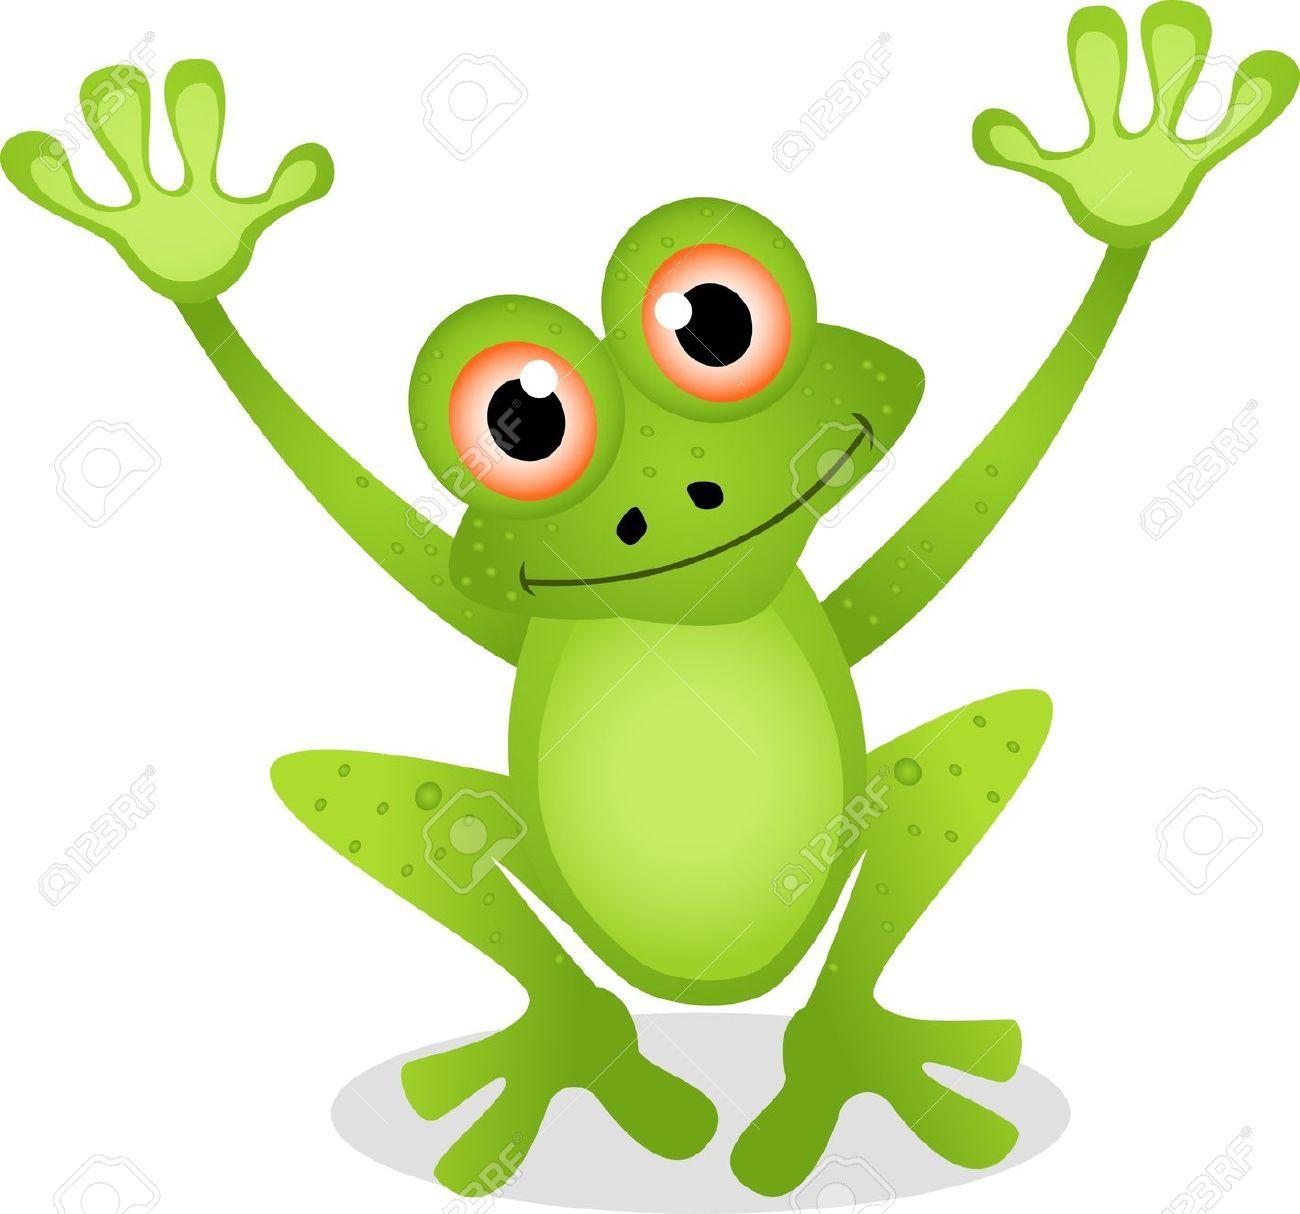 Dessin anim grenouille dr le clip art libres de droits - 123rf image gratuite ...